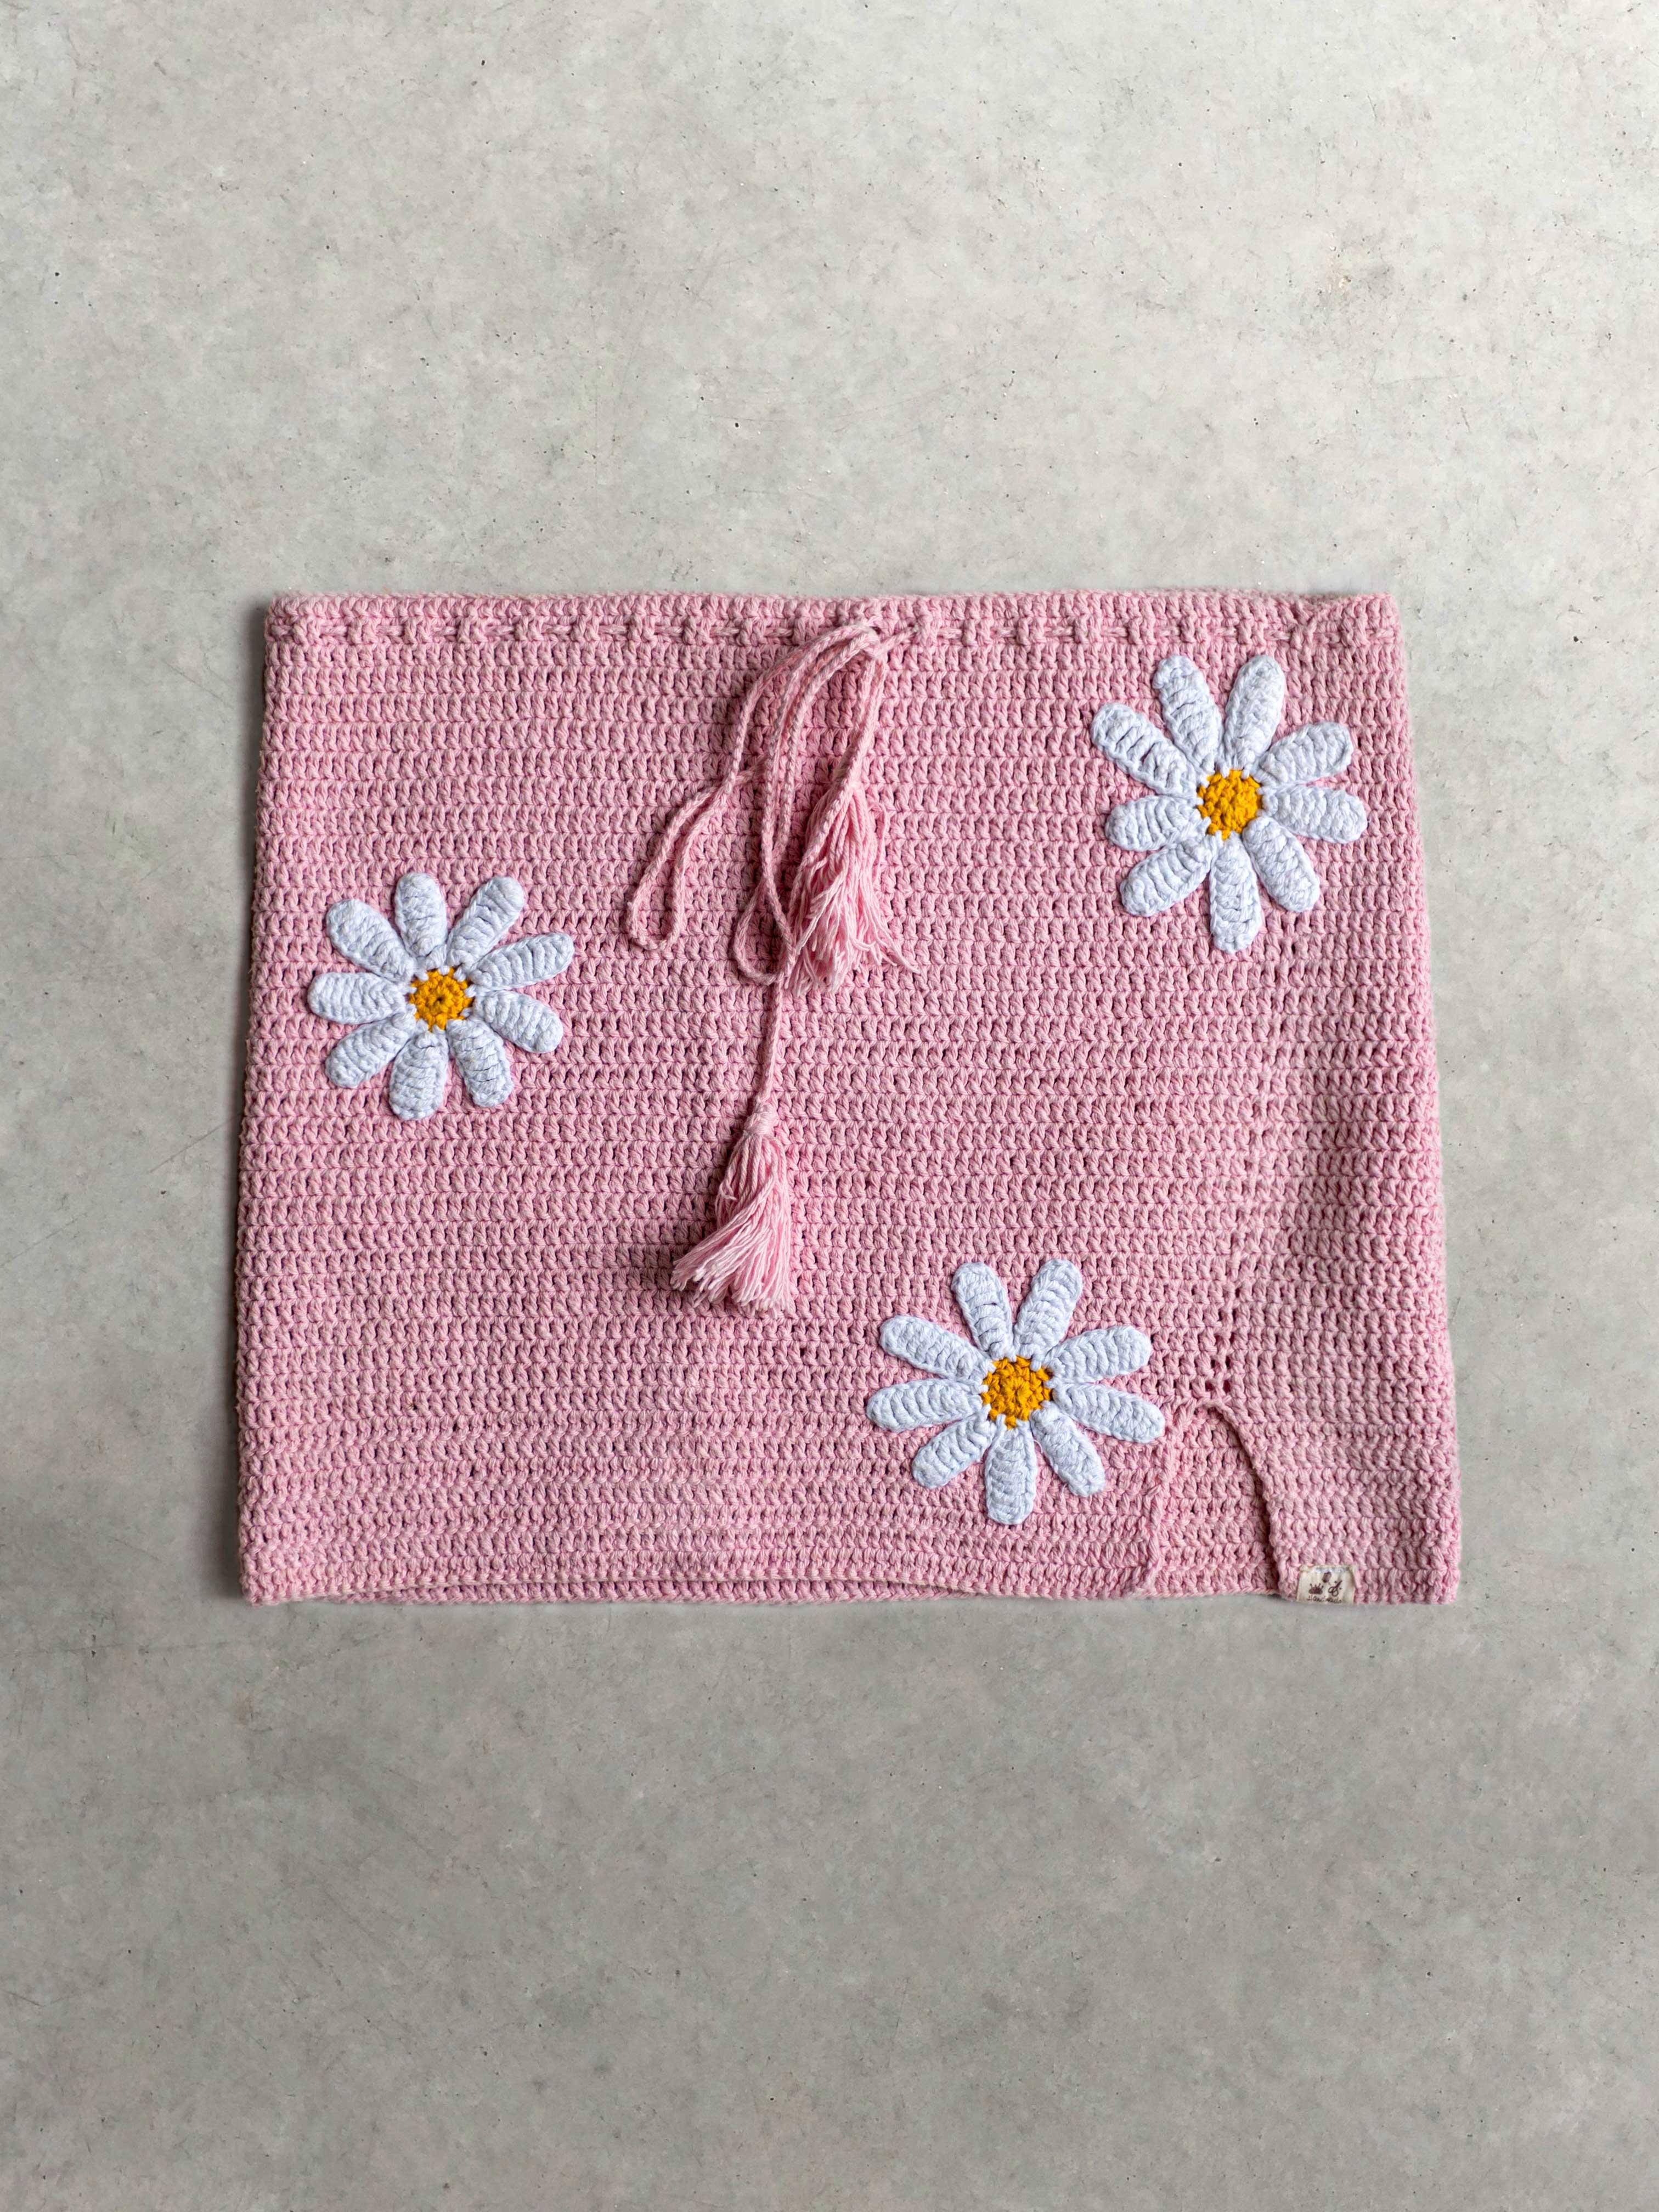 Packshot du produit Jupe crochet rose  de la catégorie Jupes